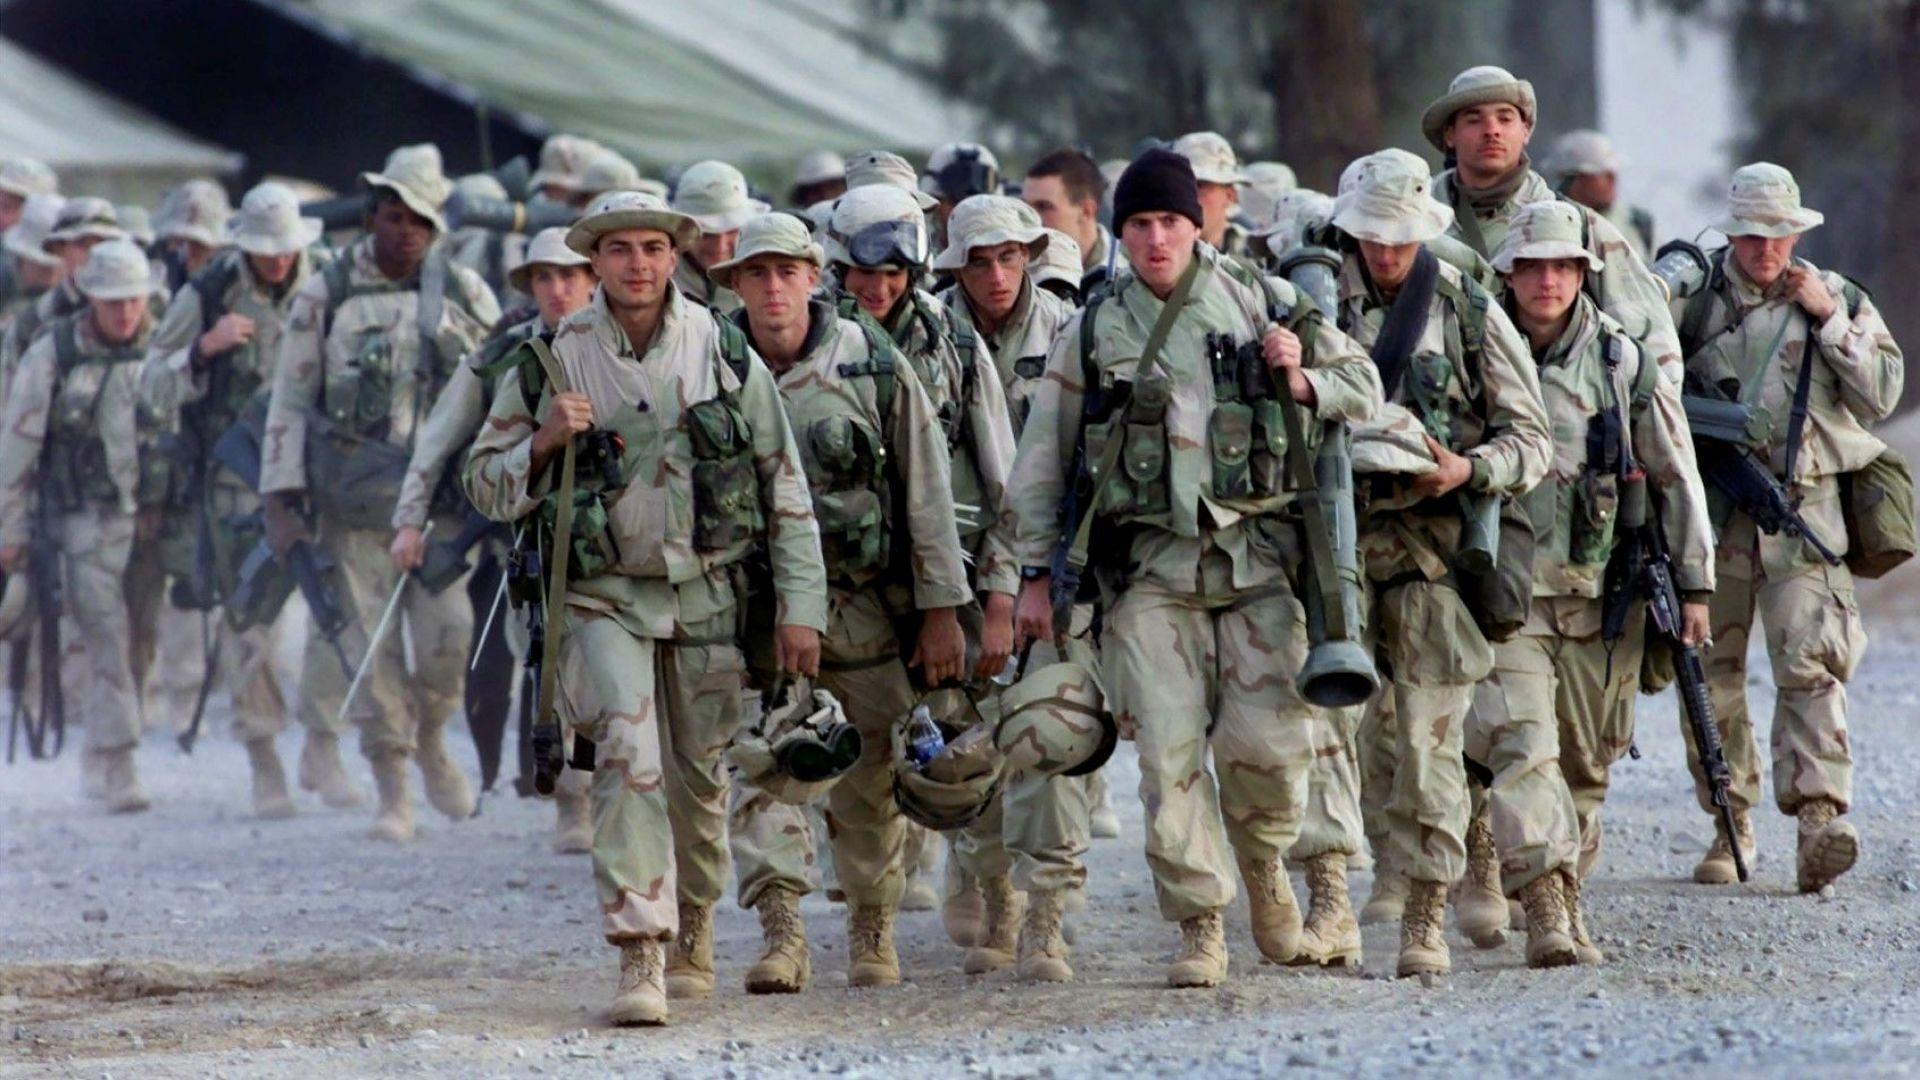 Изтеглянето на американските войски от Афганистан започва на 1 май и приключва на знаковия 11 септември